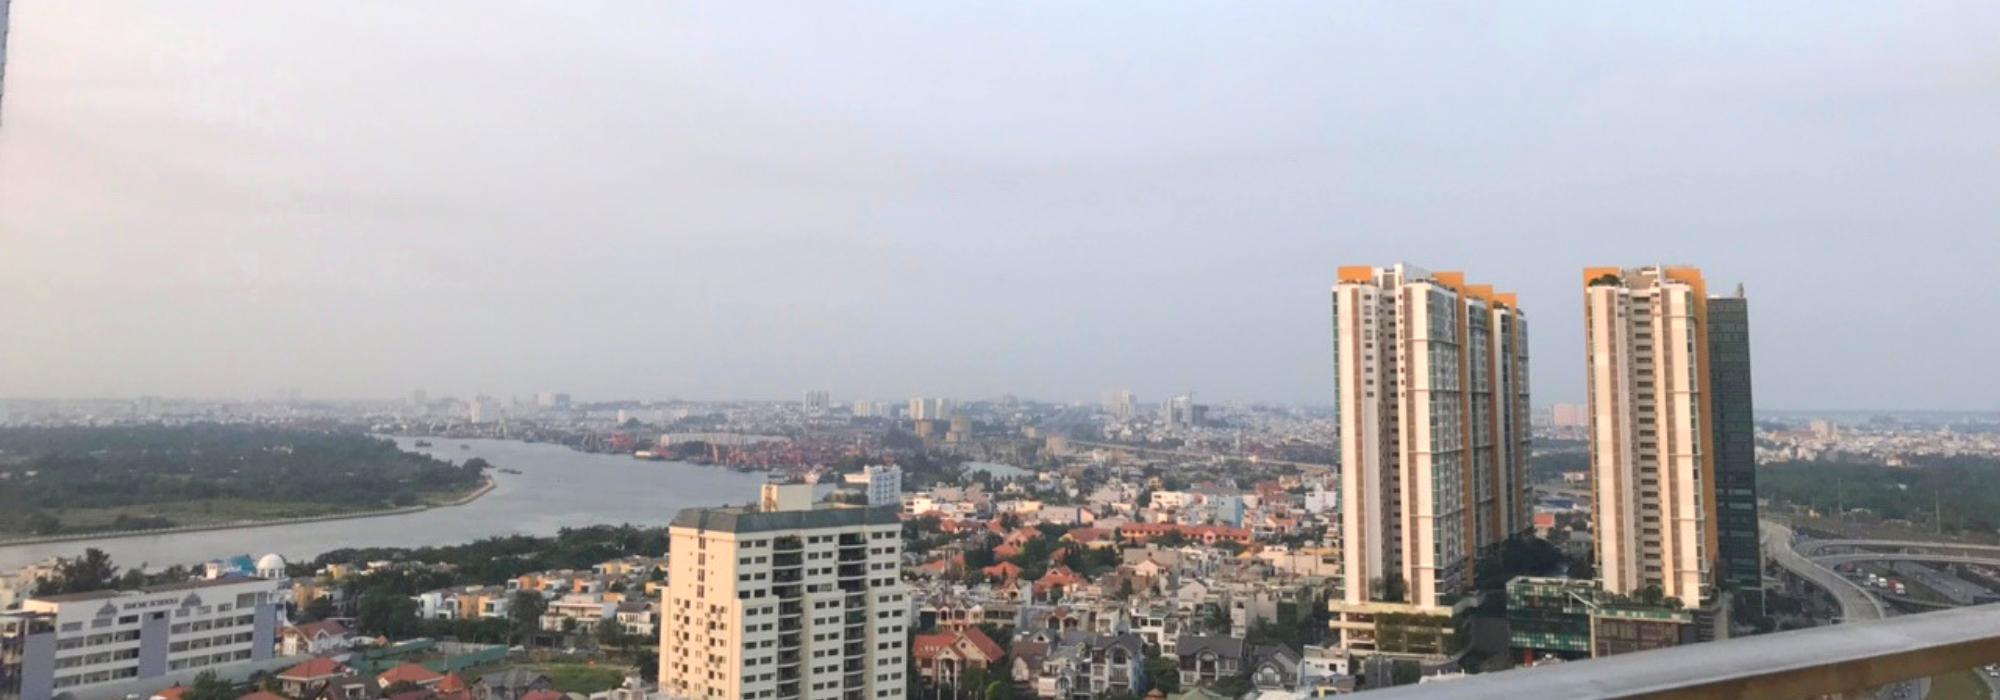 2 Bedroom Apartment, Estella Heights, Thao Dien, District 2, HCMC